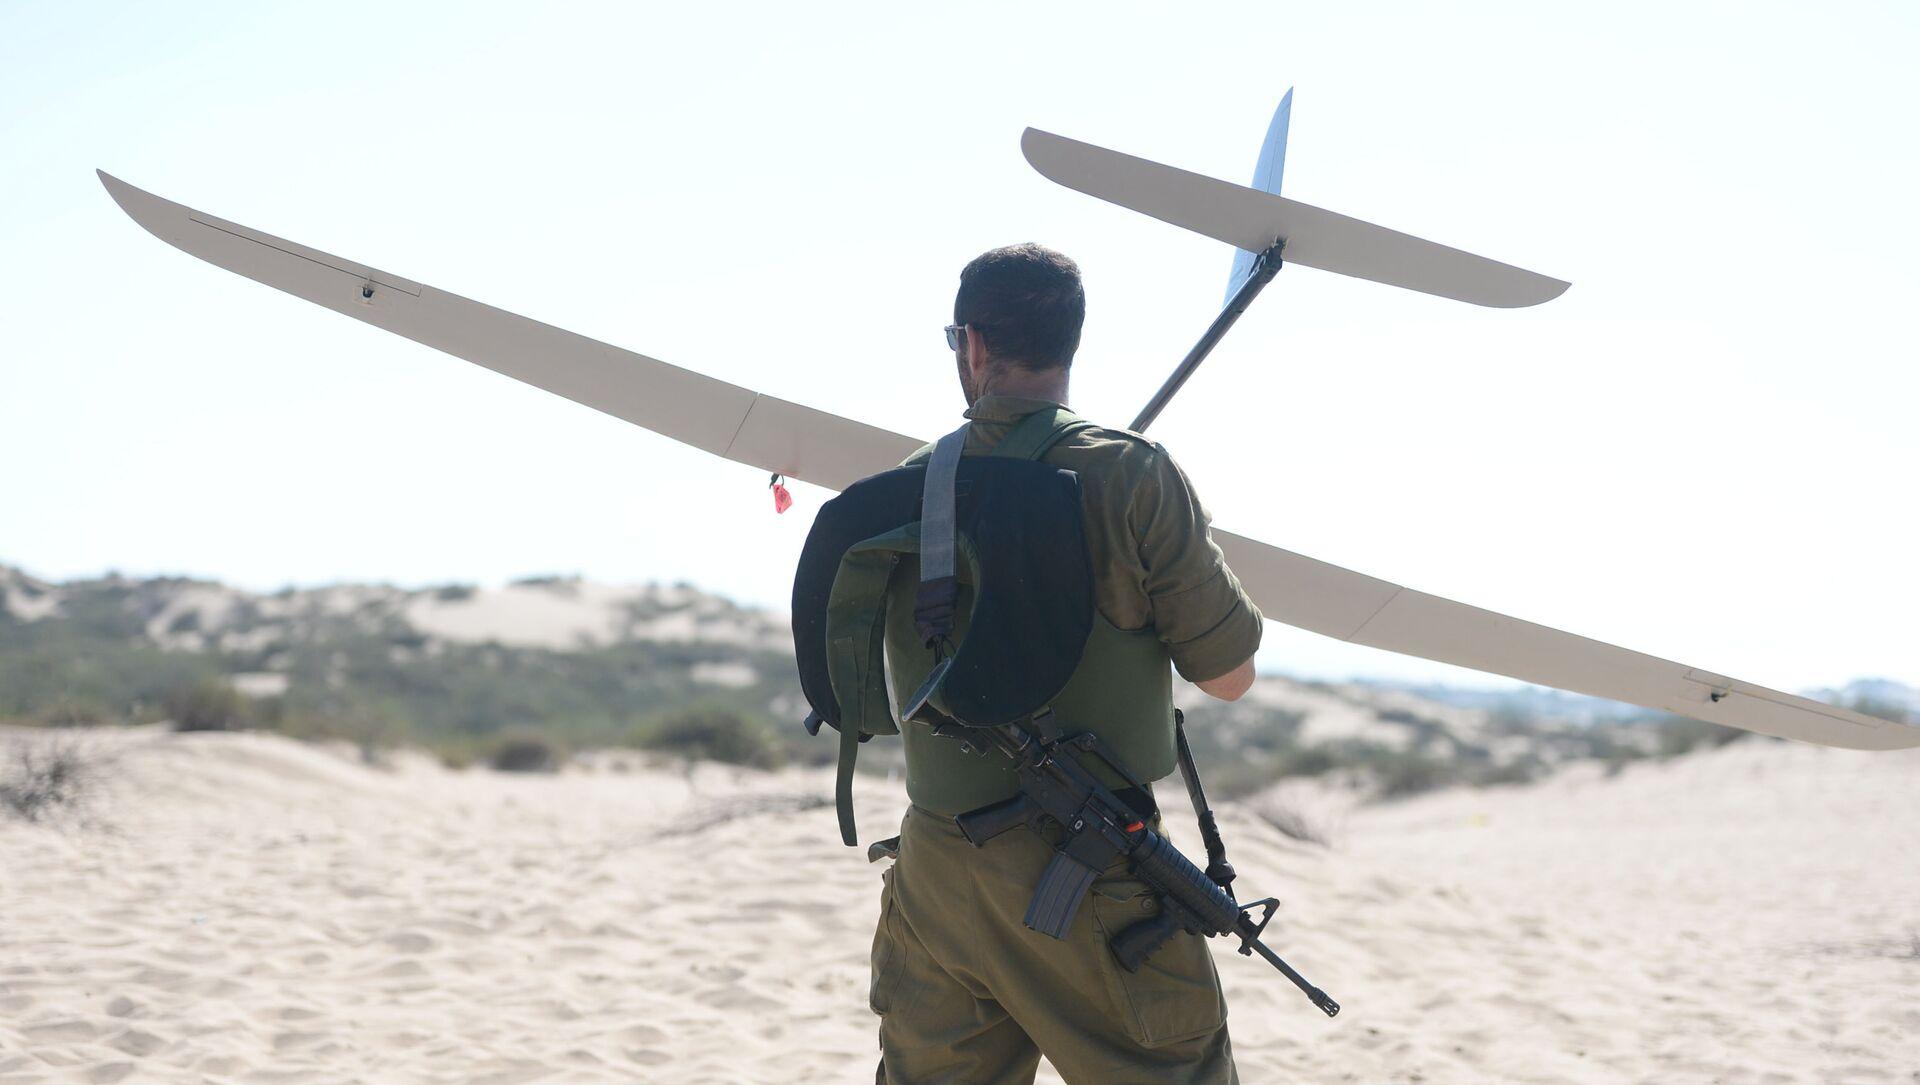 Un soldat israélien tient un drone Skylark - Sputnik France, 1920, 15.08.2021